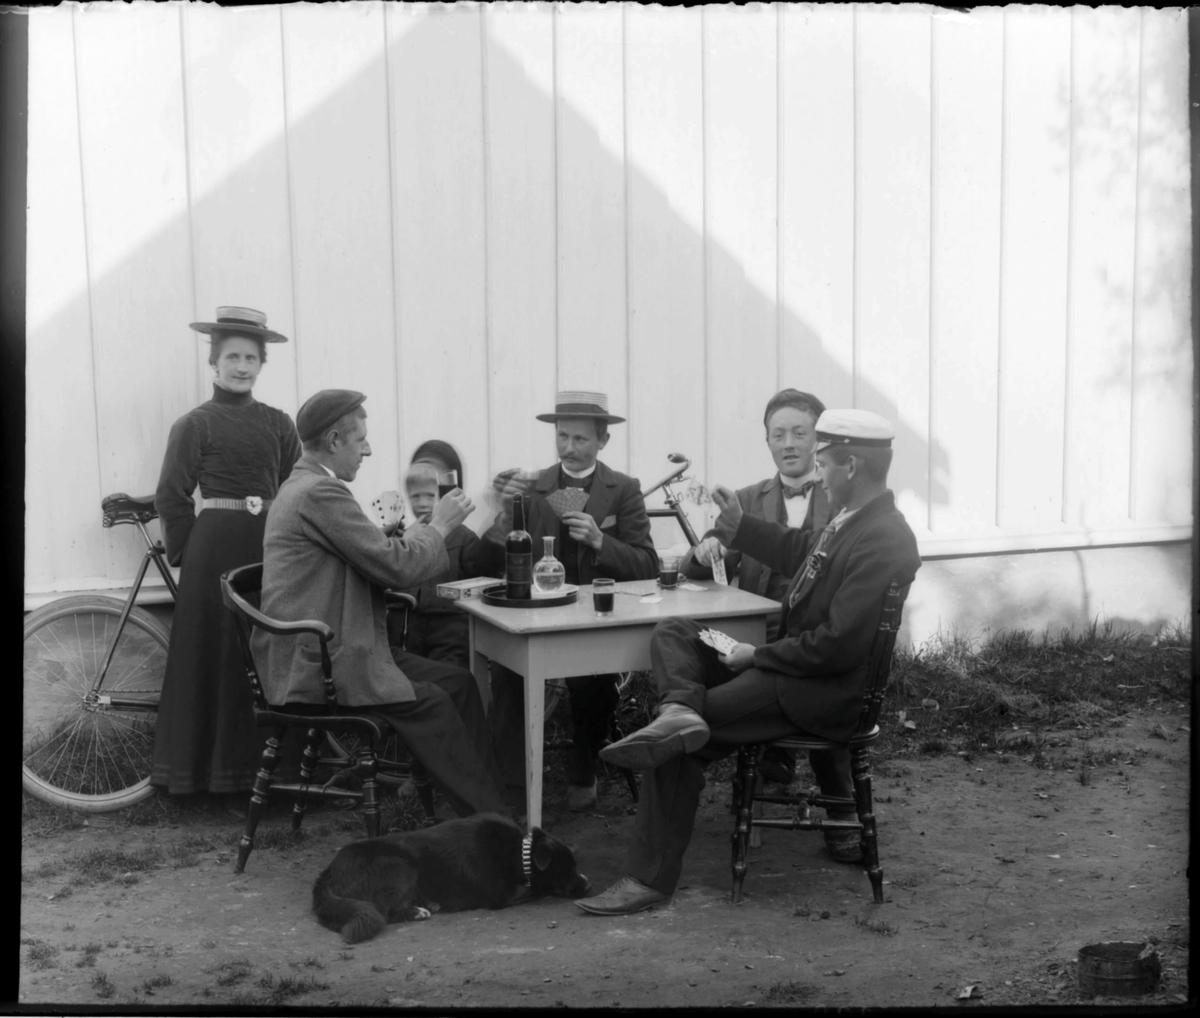 Fire menn spiller kort ute i solveggen